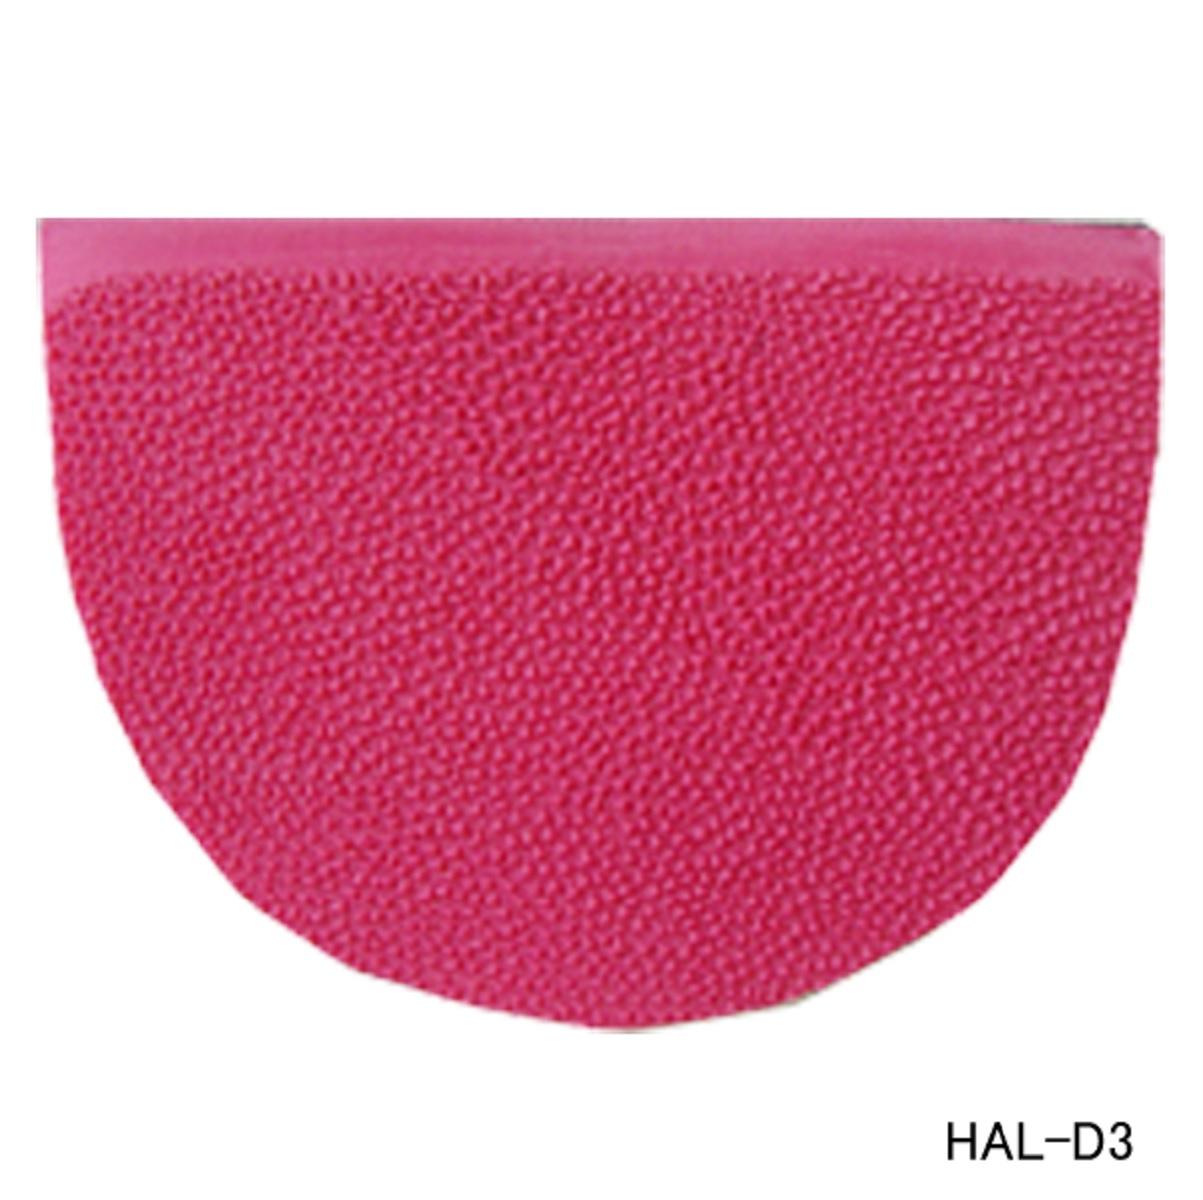 【クリックポスト可能】 HI-SP HAL-D3 シューズ パーツ ローヒール システム ボウリング用品 ボーリング グッズ